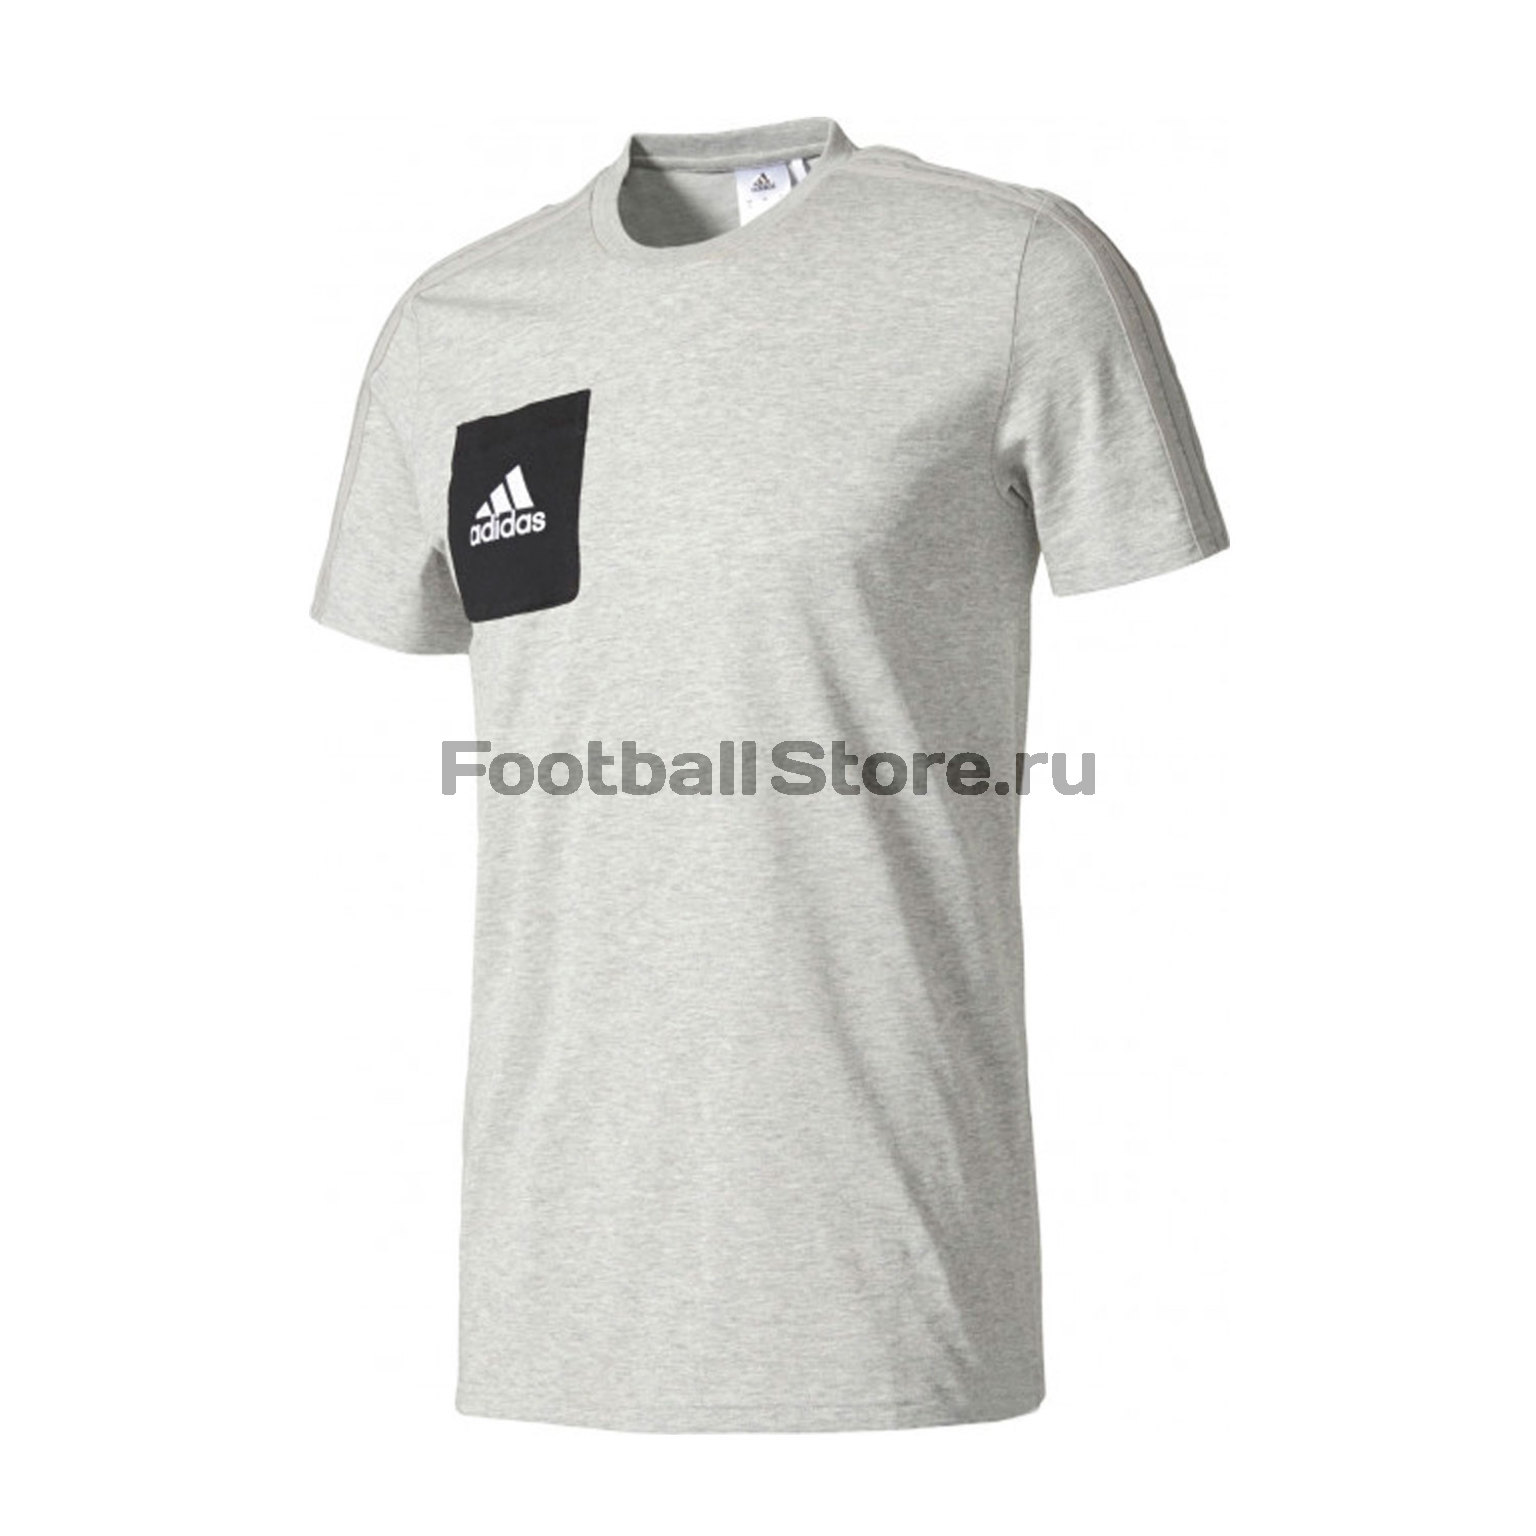 Футболка тренировочная Adidas Tiro17 Tee AY2964 футболка тренировочная adidas tiro17 tee ay2964